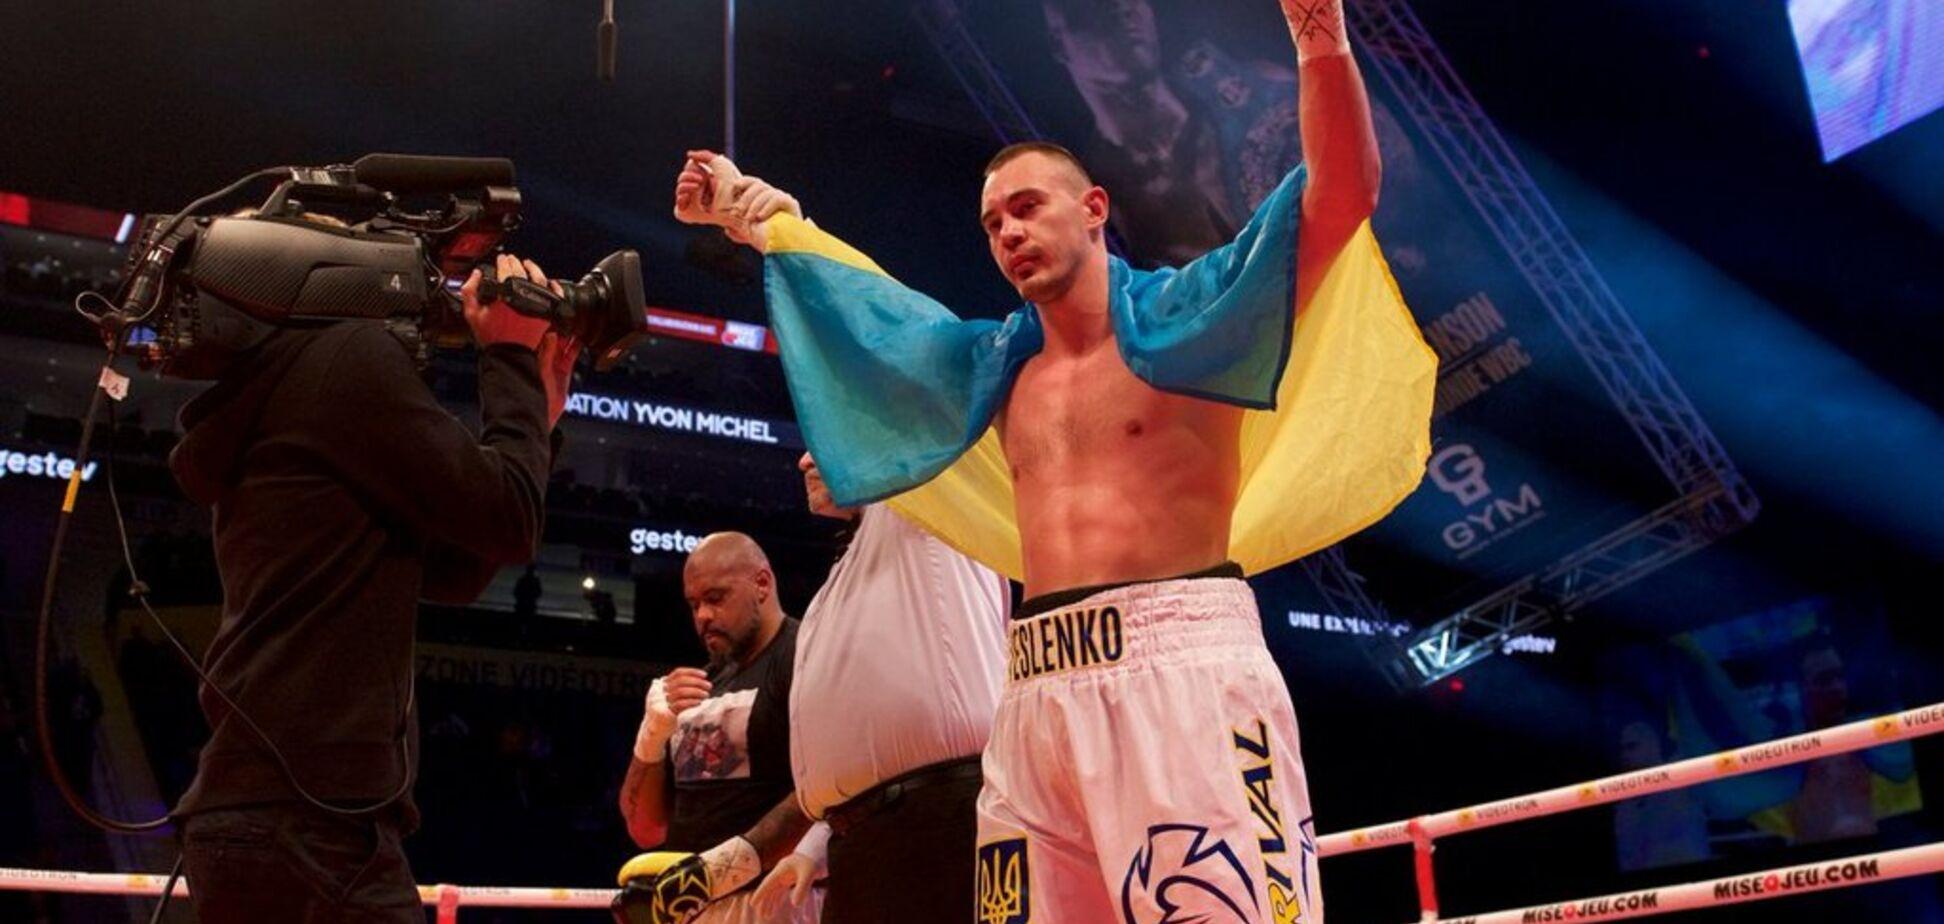 Непобедимый украинский боксер выиграл бой нокаутом